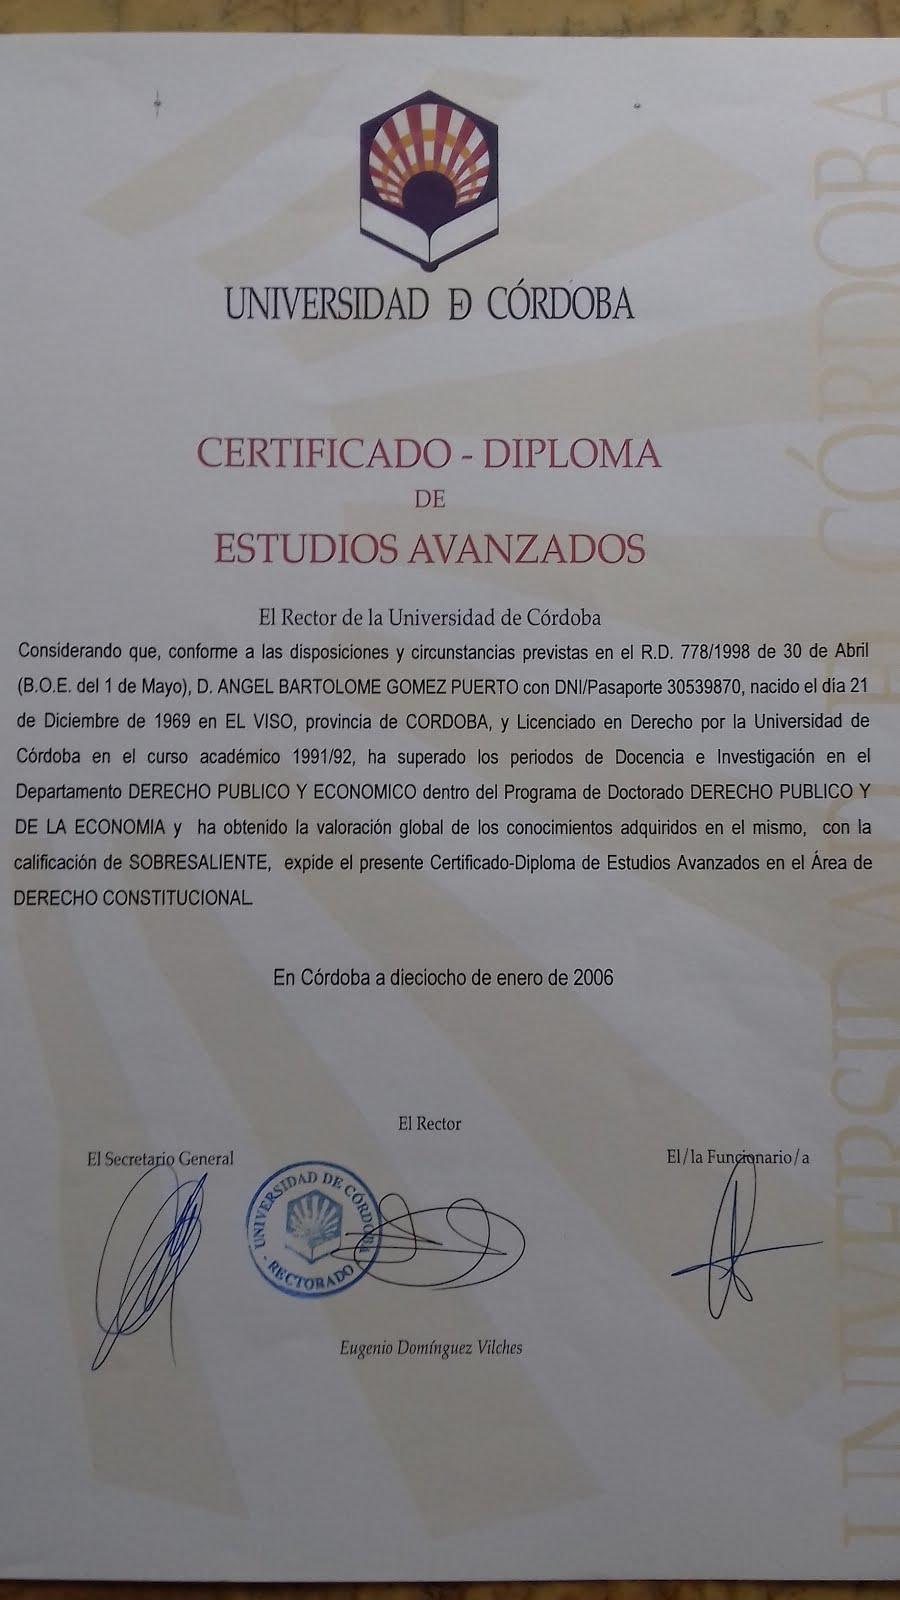 Diploma de Estudios Avanzados en Derecho Constitucional: